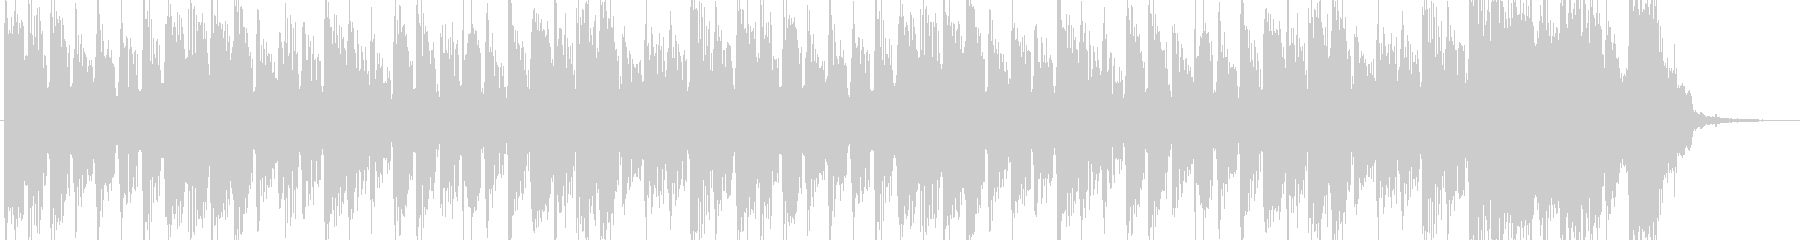 シンセブラスのロックのんの未再生の波形